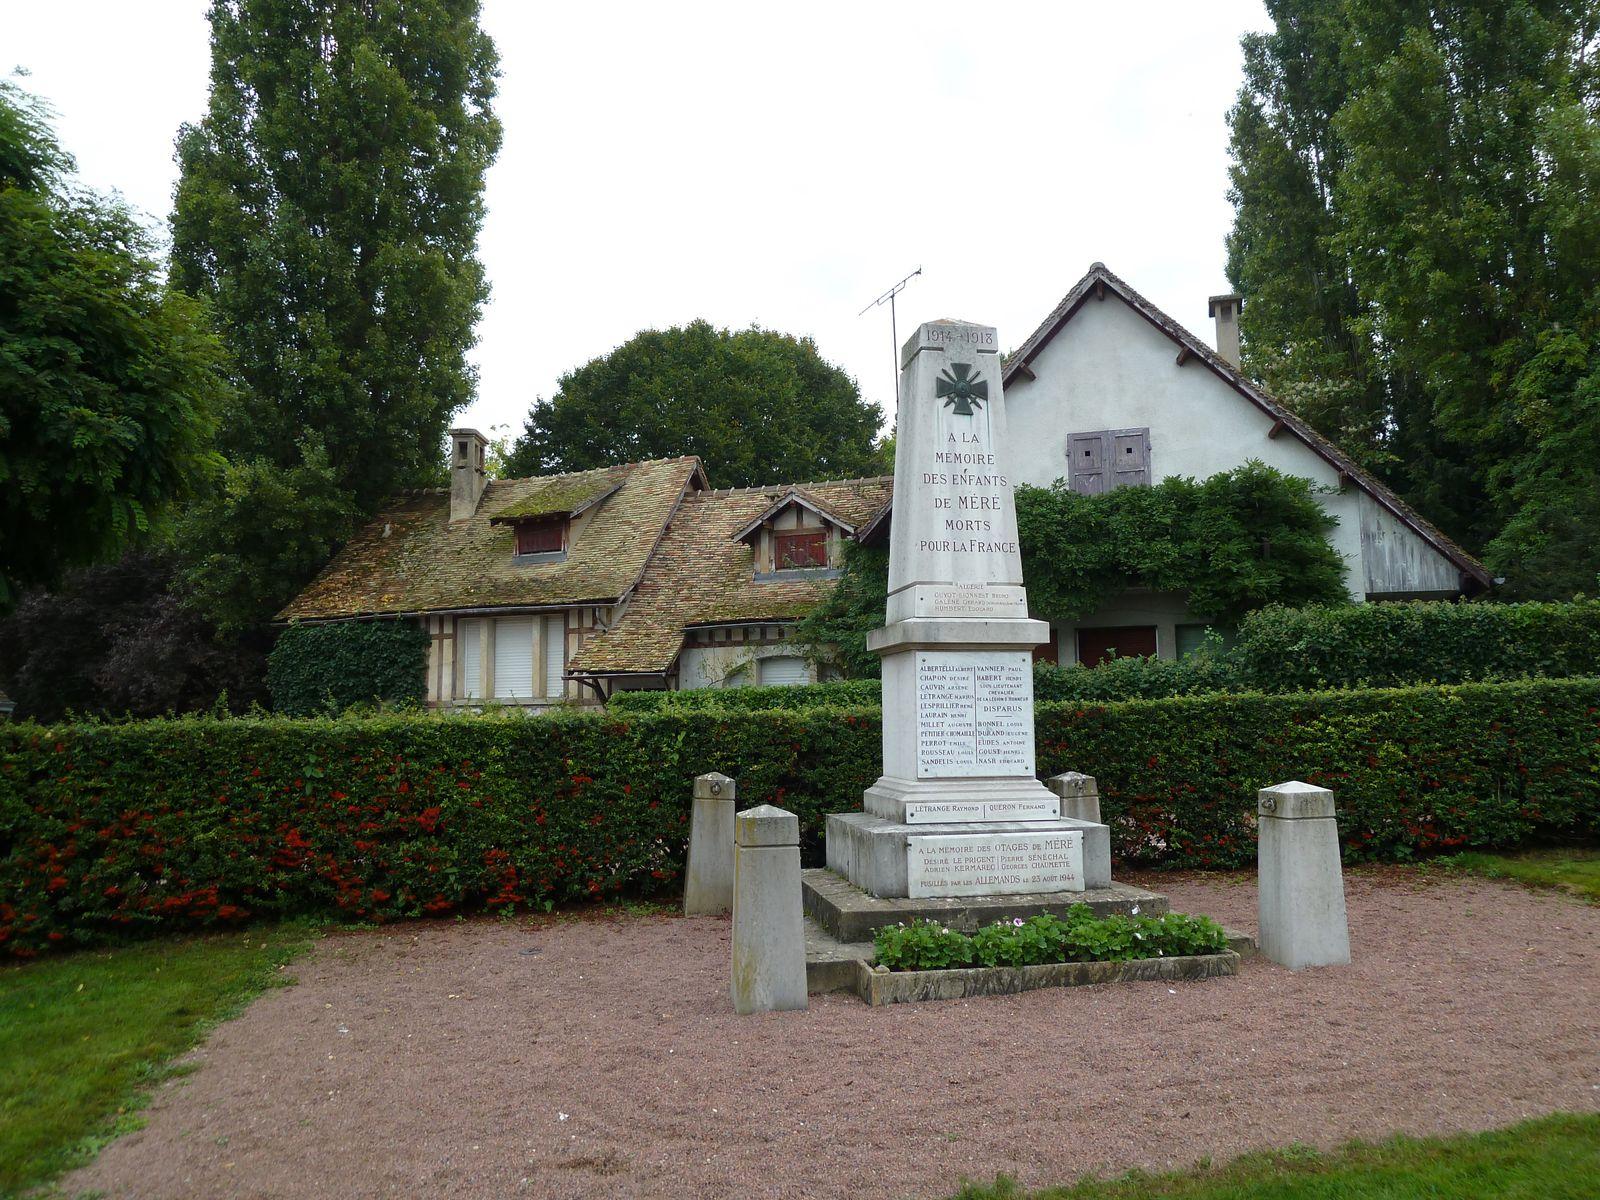 Monument commémoratif, situé au coeur du village devant l'école publique érigé pour commémorer et honorer les soldats, et plus généralement les personnes, tuées ou disparues par faits de guerre.